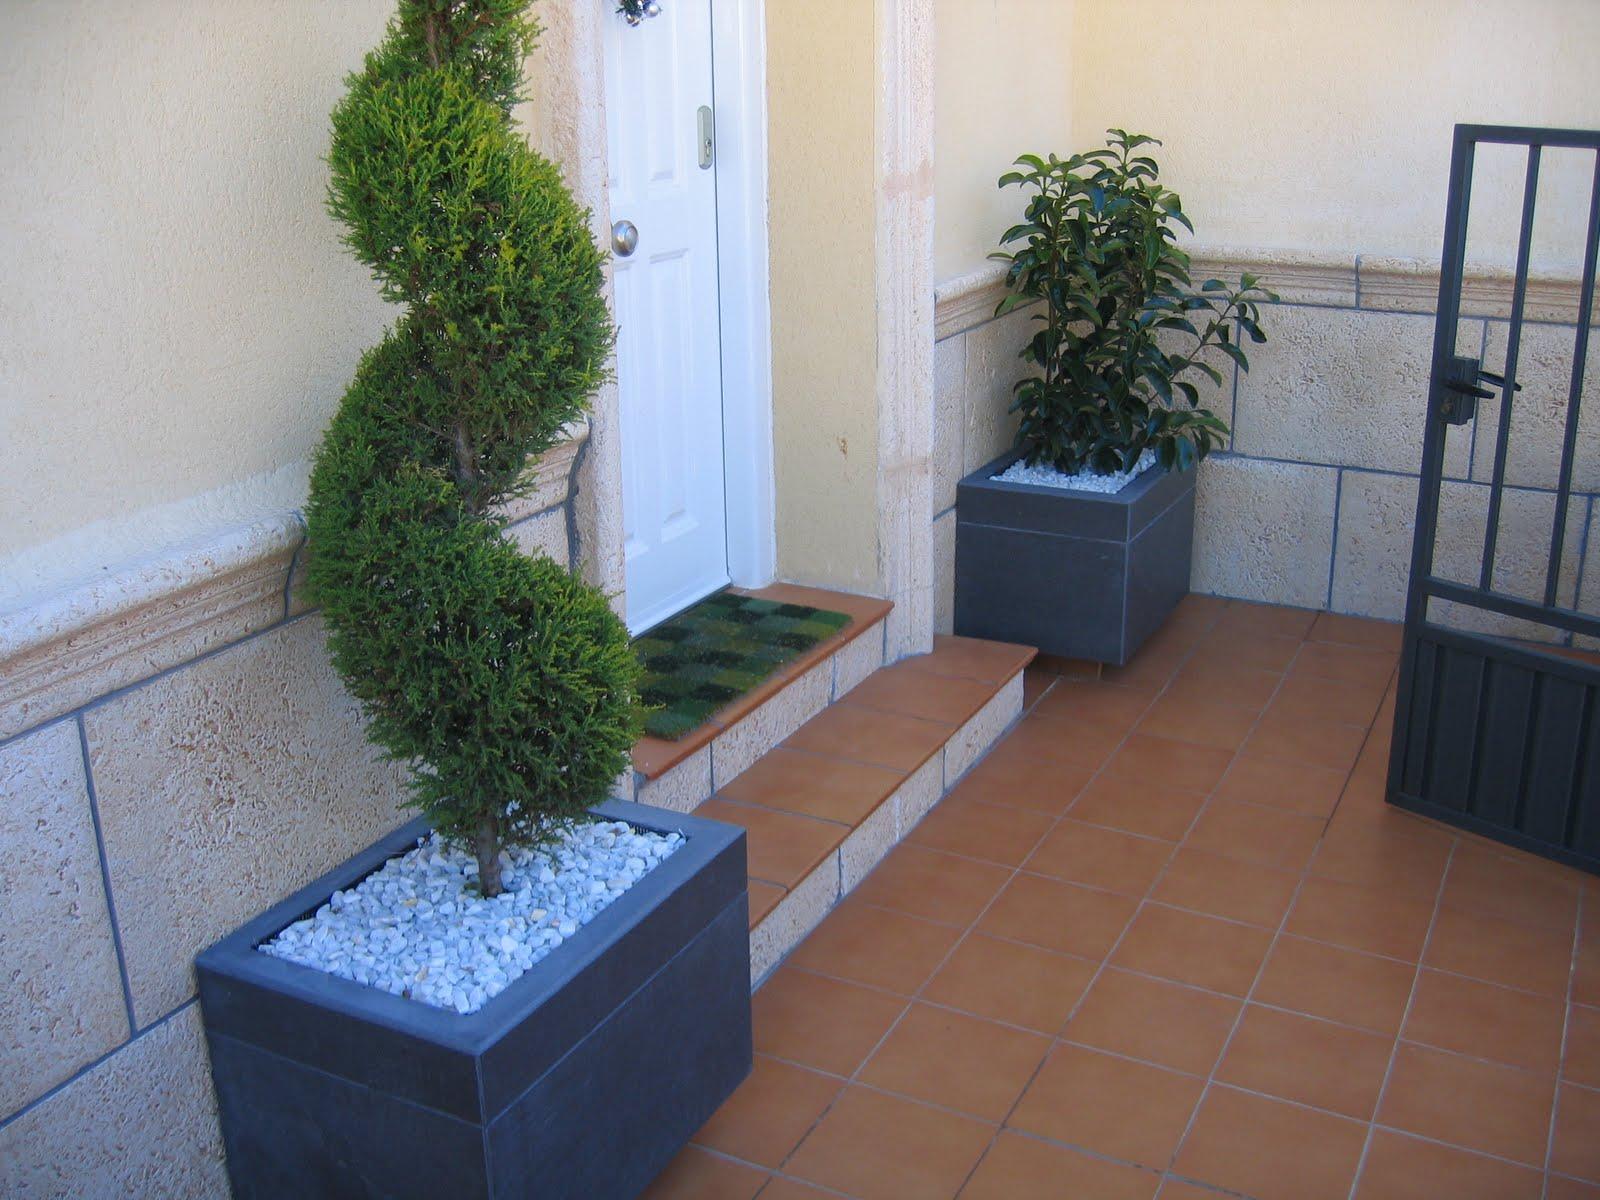 Cuvicons reformas y construcci n jardineras en el suelo y maceteros de obra - Maceteros de madera baratos ...